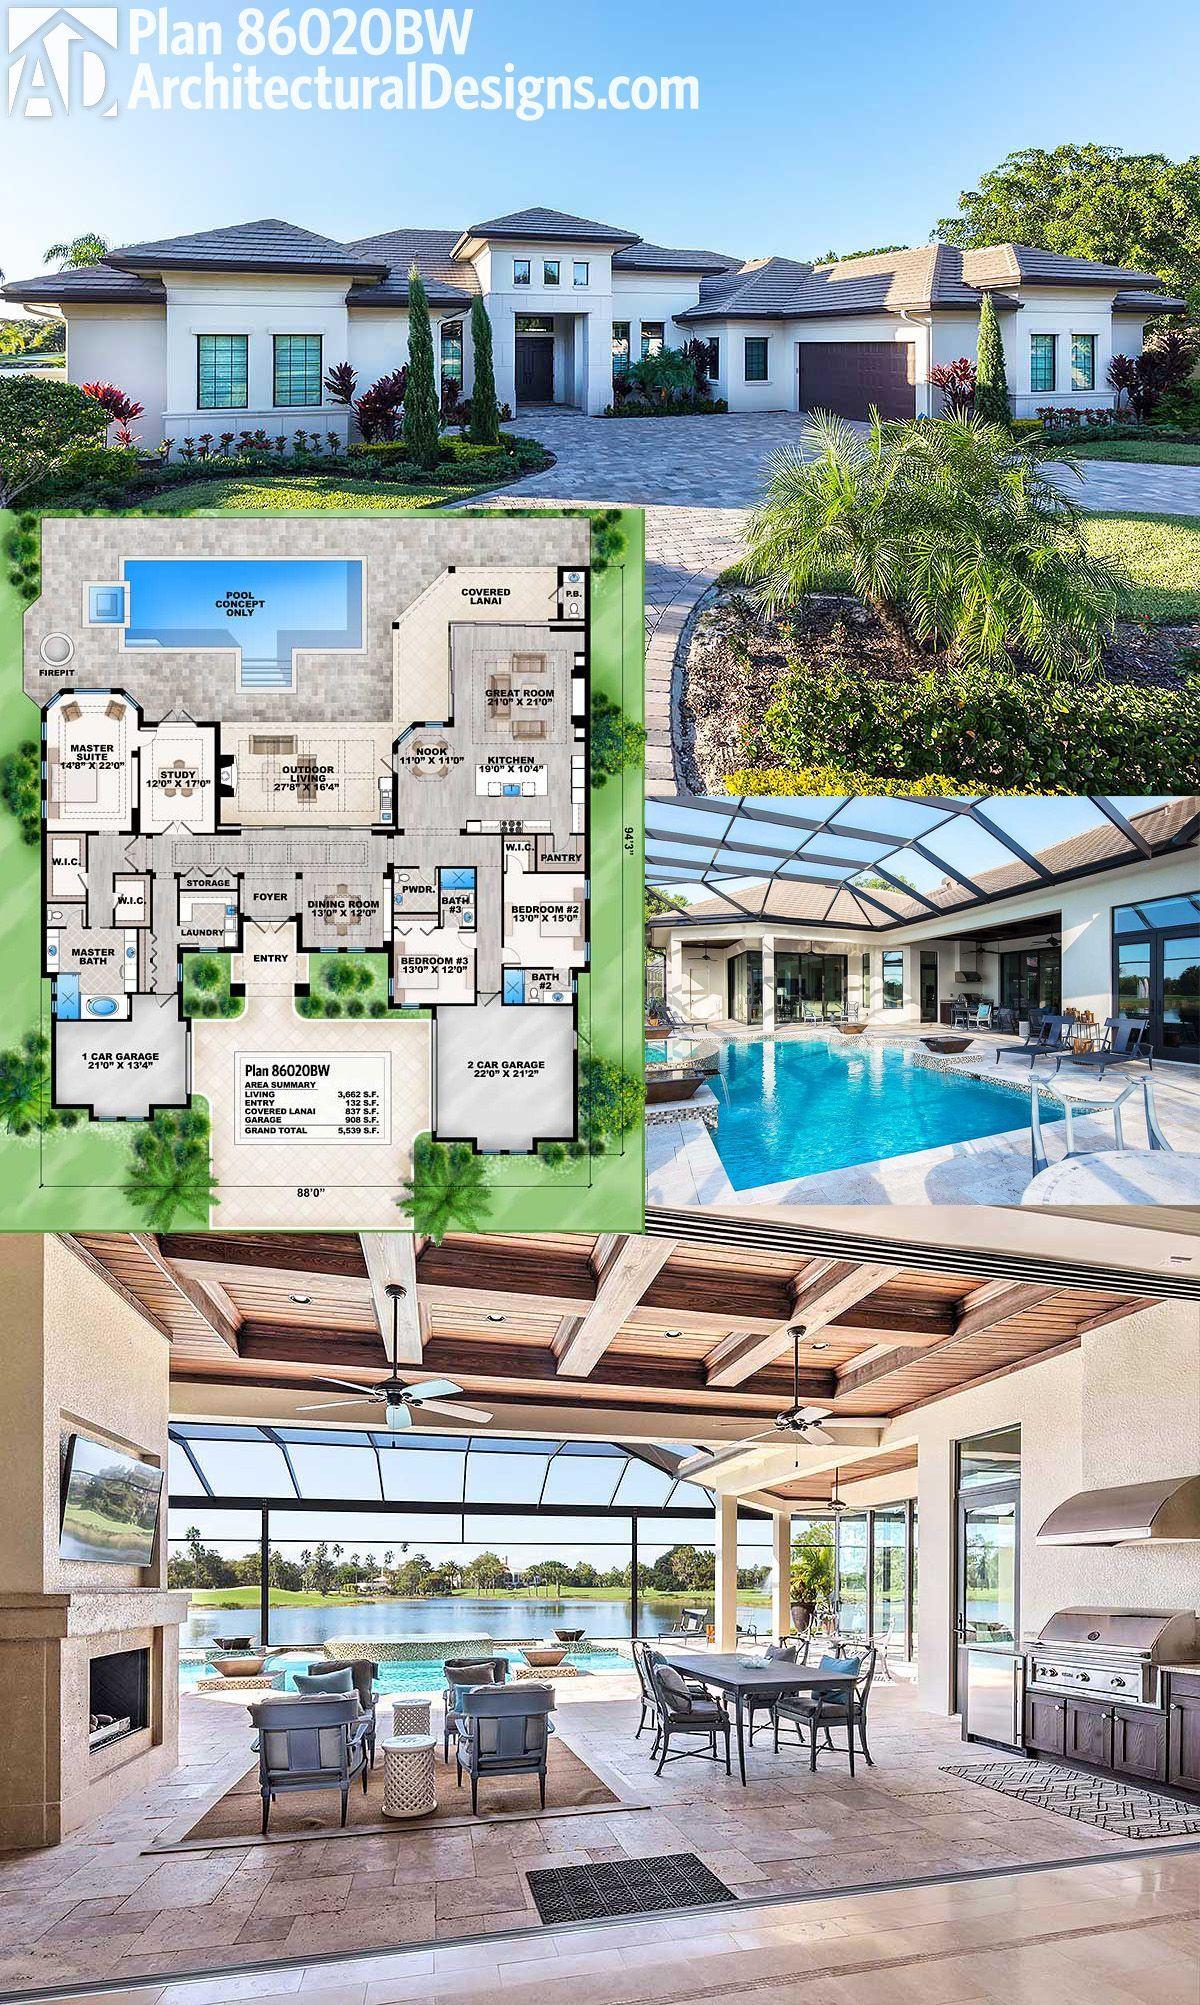 Photo of Architectural Designs House Plan 86020BW bietet fantastisches Wohnen im Innen- und Außenberei…